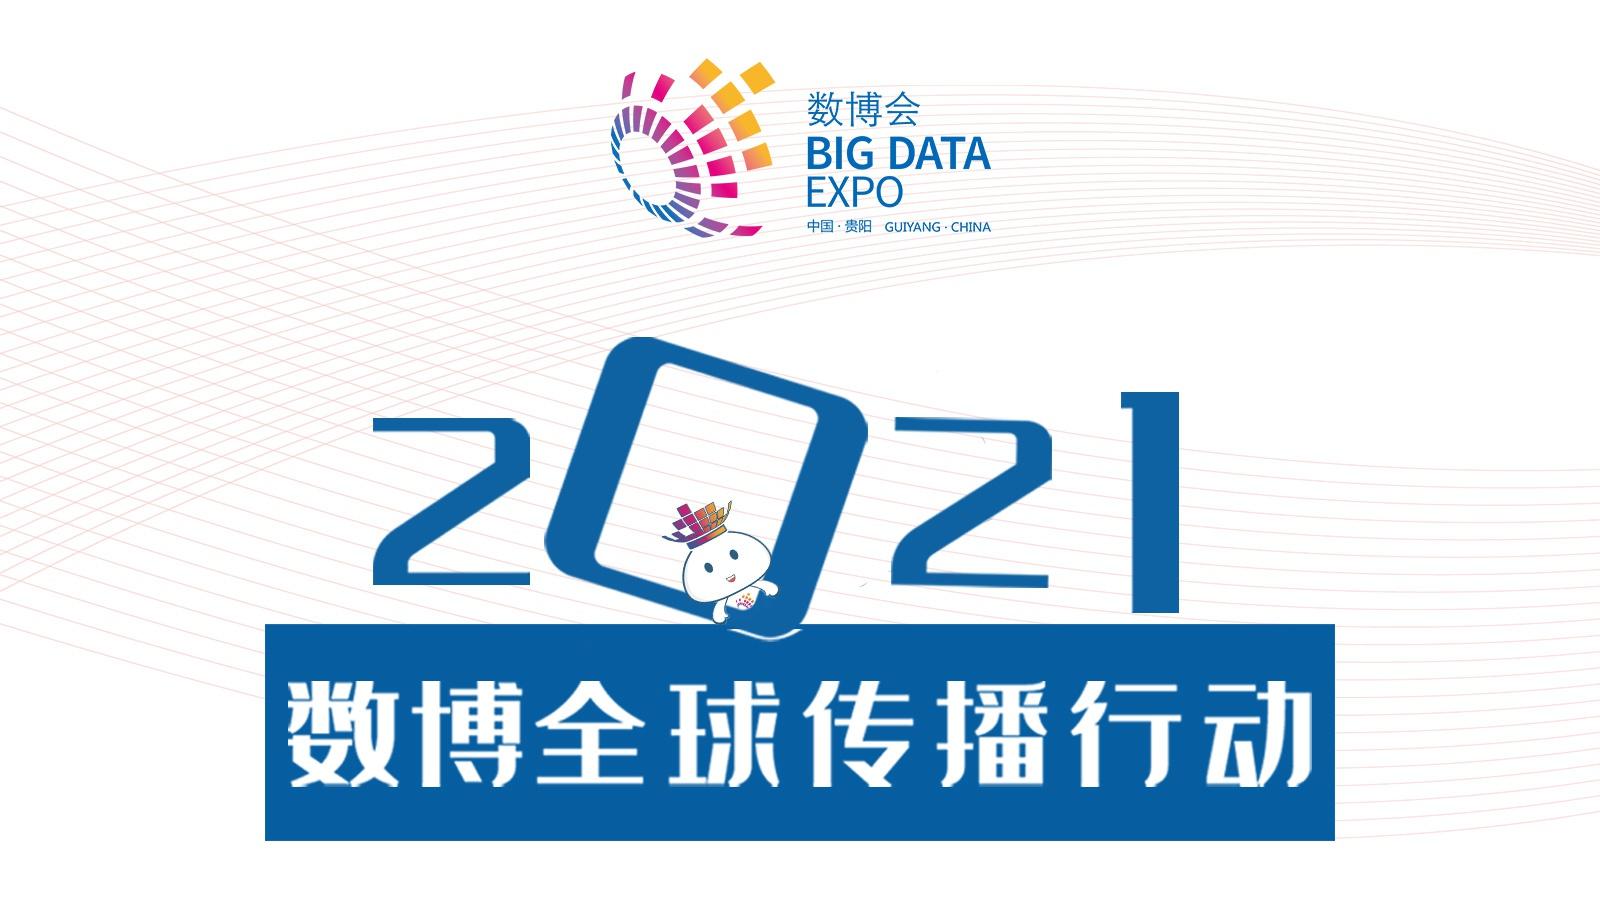 2021中國國際大數據產業博覽會